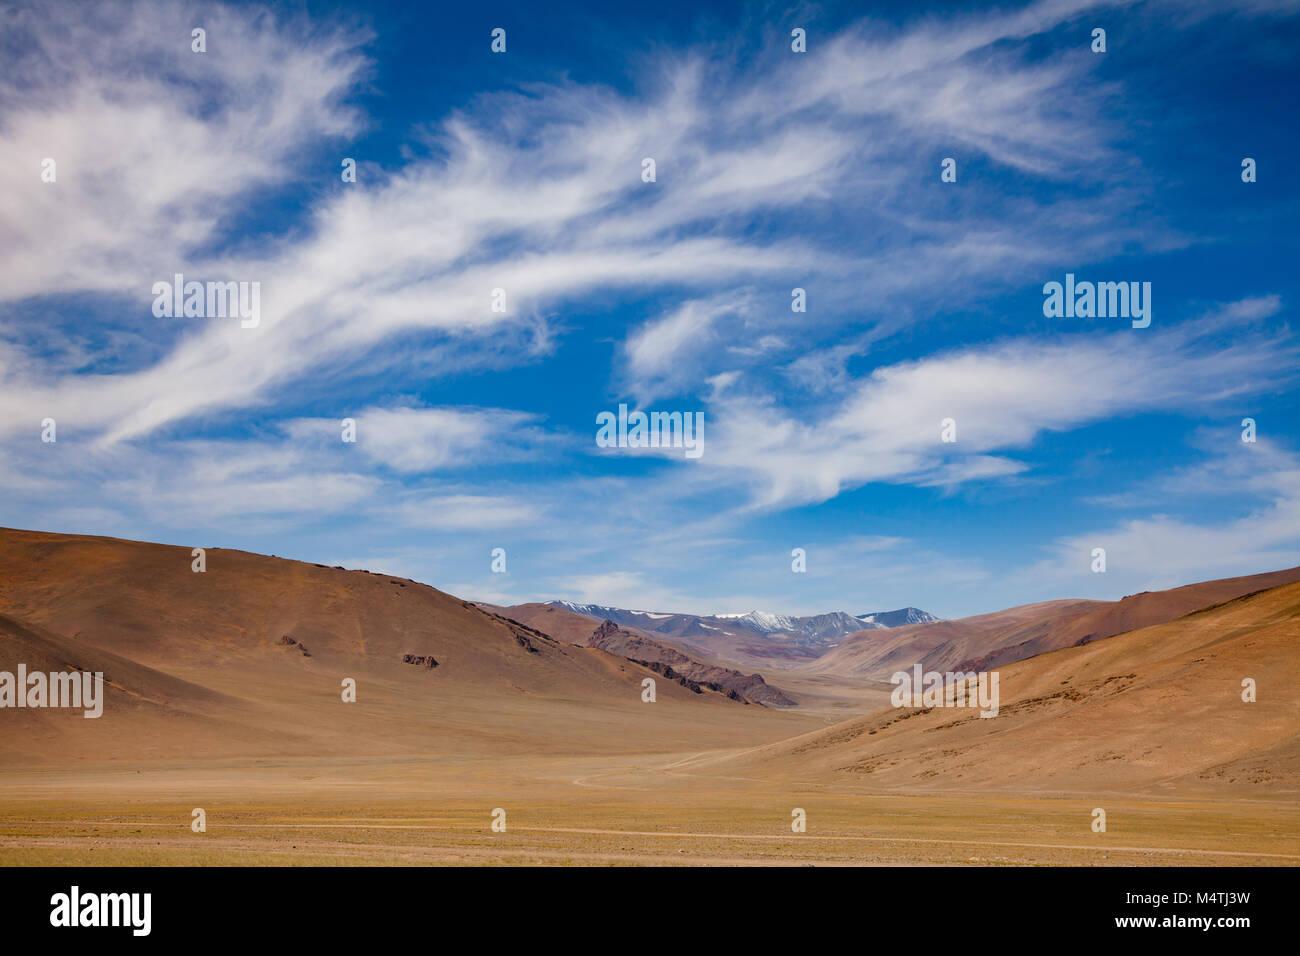 Disabitata valle di montagna in Mongolia occidentale degli Altai in montagna in estate Immagini Stock